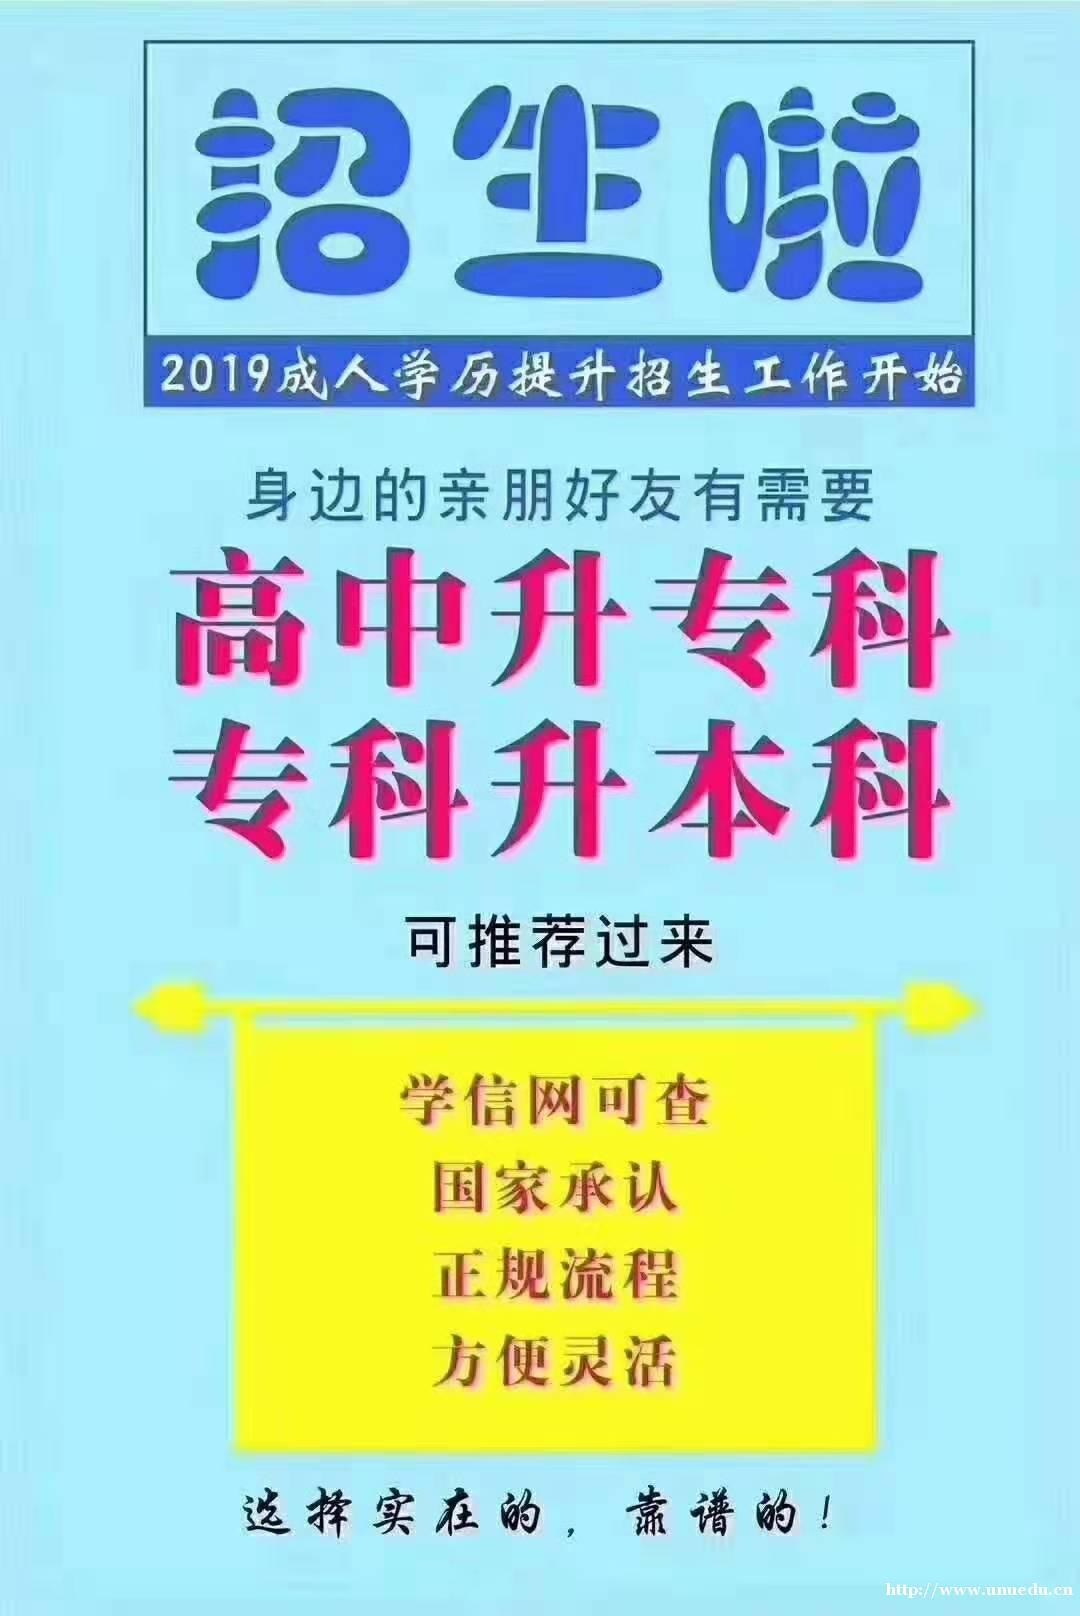 【西安】学历提升 高起专 专升本